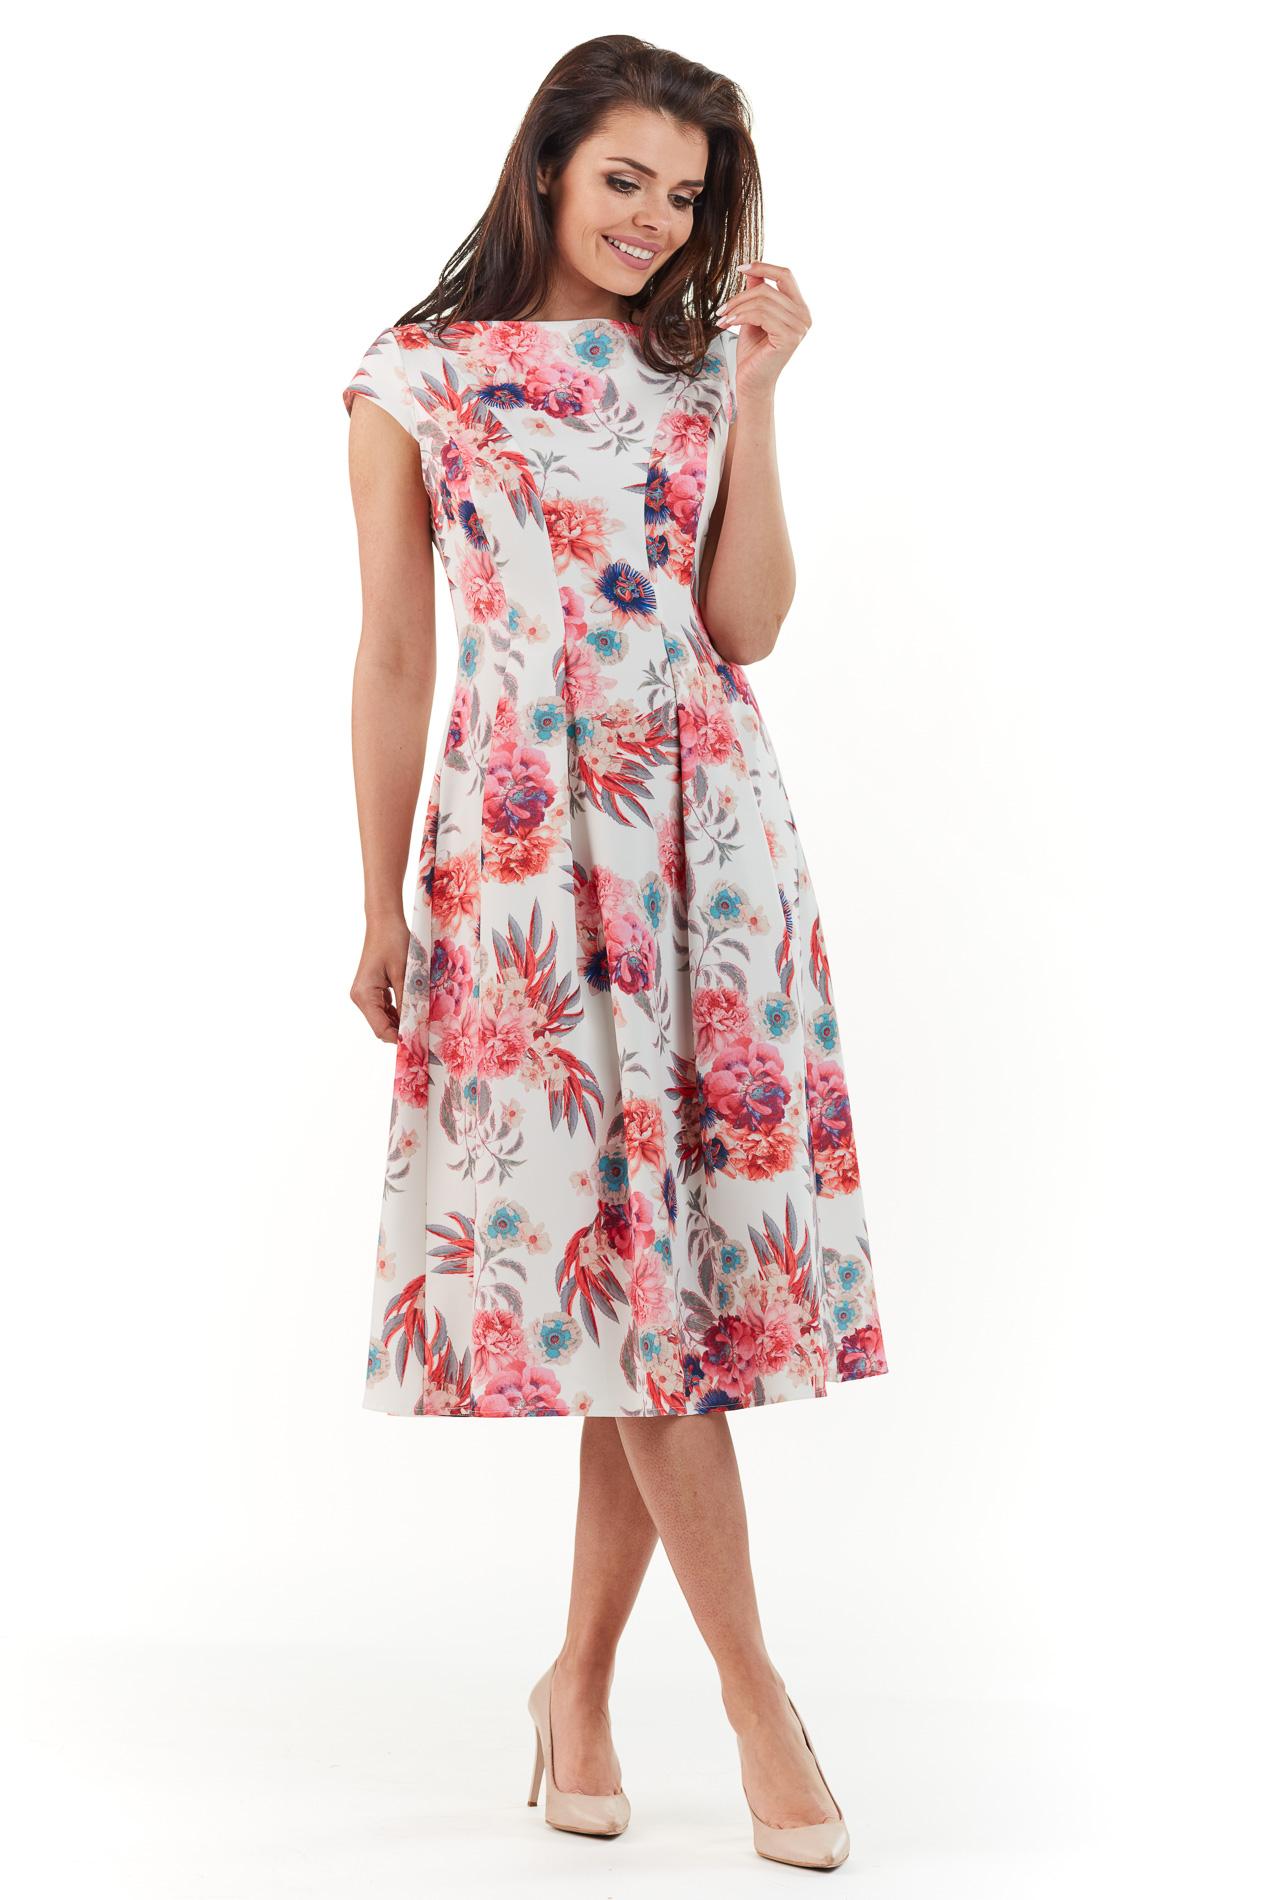 32451c9149 Sukienka plisowana midi na lato w kwiaty - wysyłka już od 5